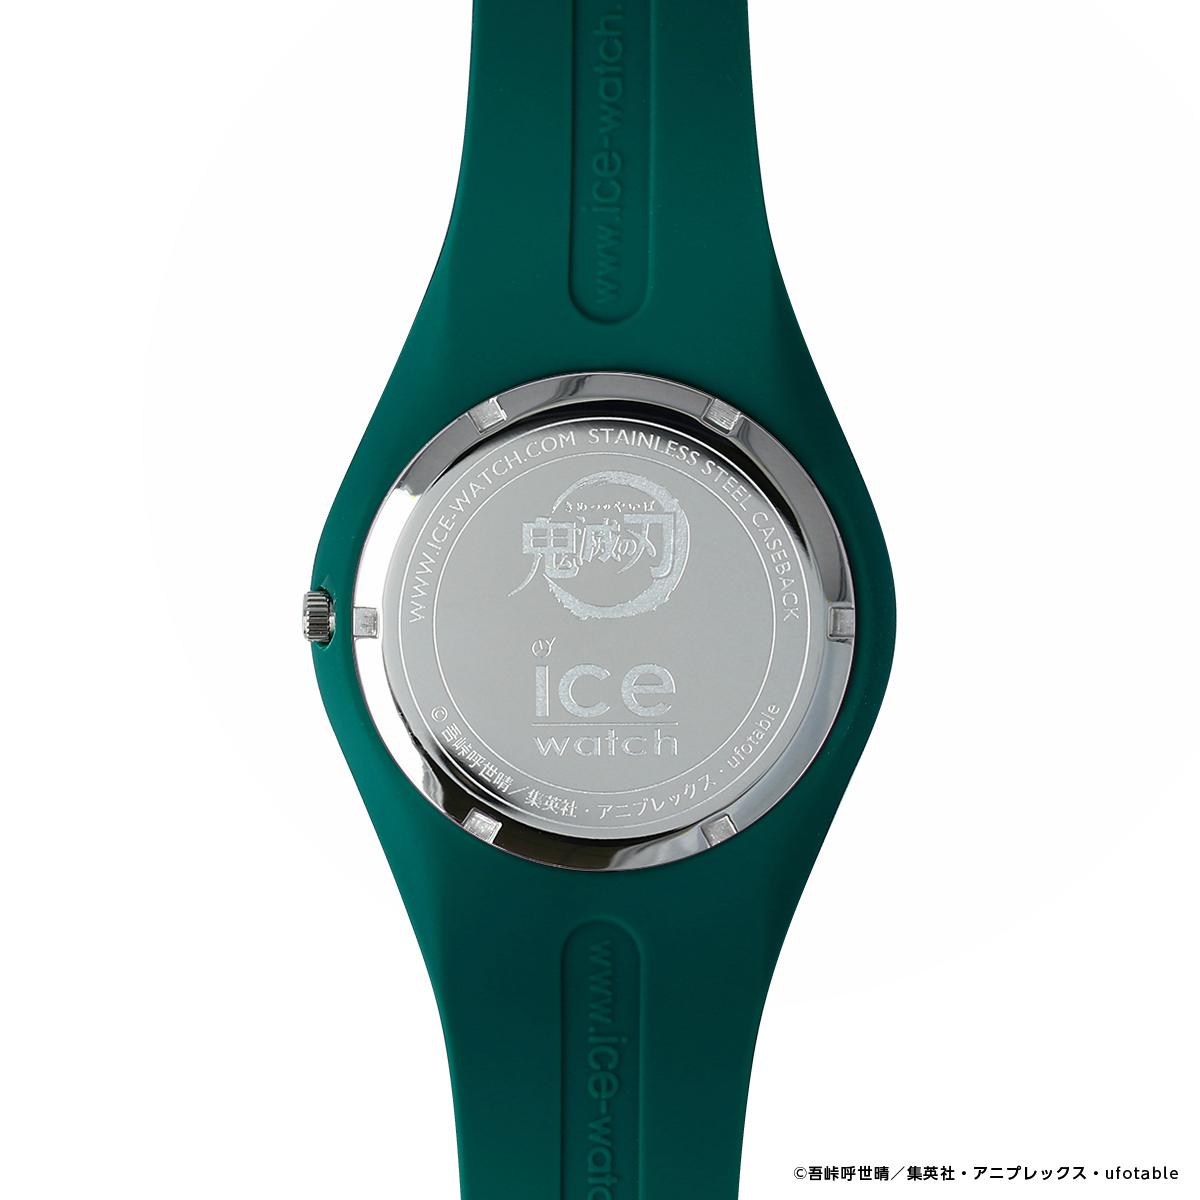 写真は、炭治郎モデルの腕時計の裏側(提供:アニプレックス) (C)吾峠呼世晴/集英社・アニプレックス・ufotable